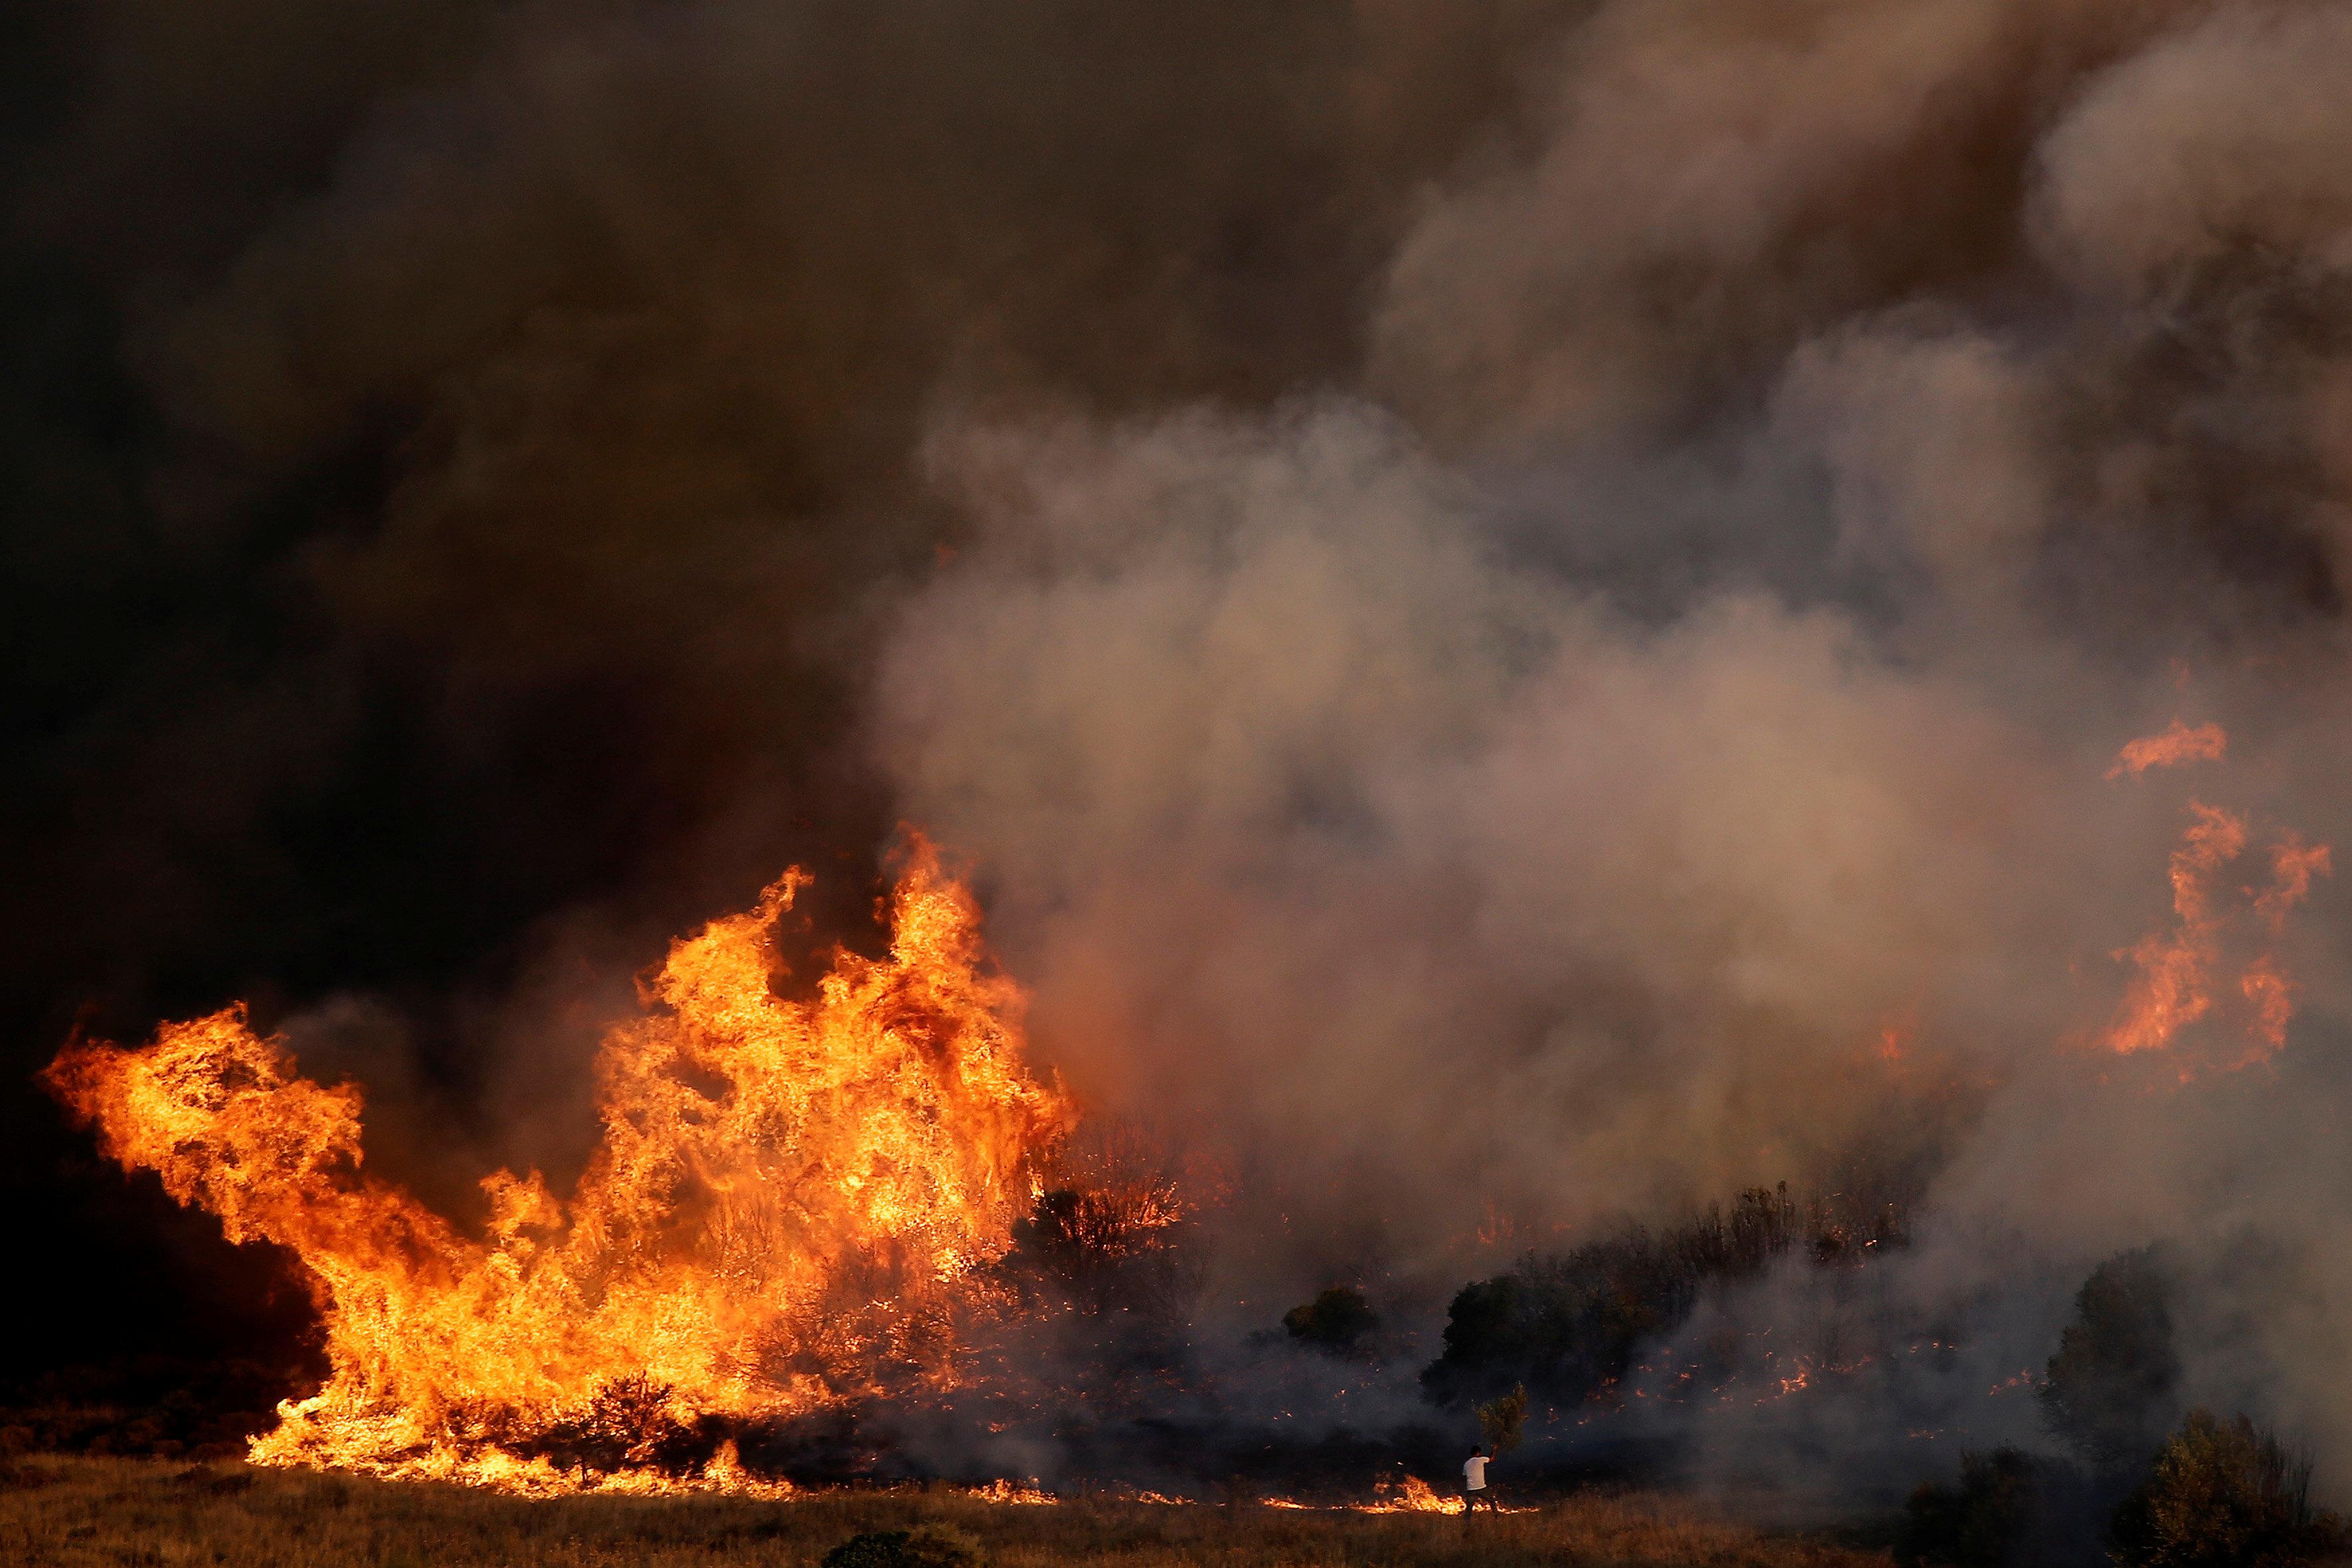 Μεγάλη φωτιά στη Ζόλα Κεφαλλονιάς ενώ στην περιοχή πνέουν ισχυροί